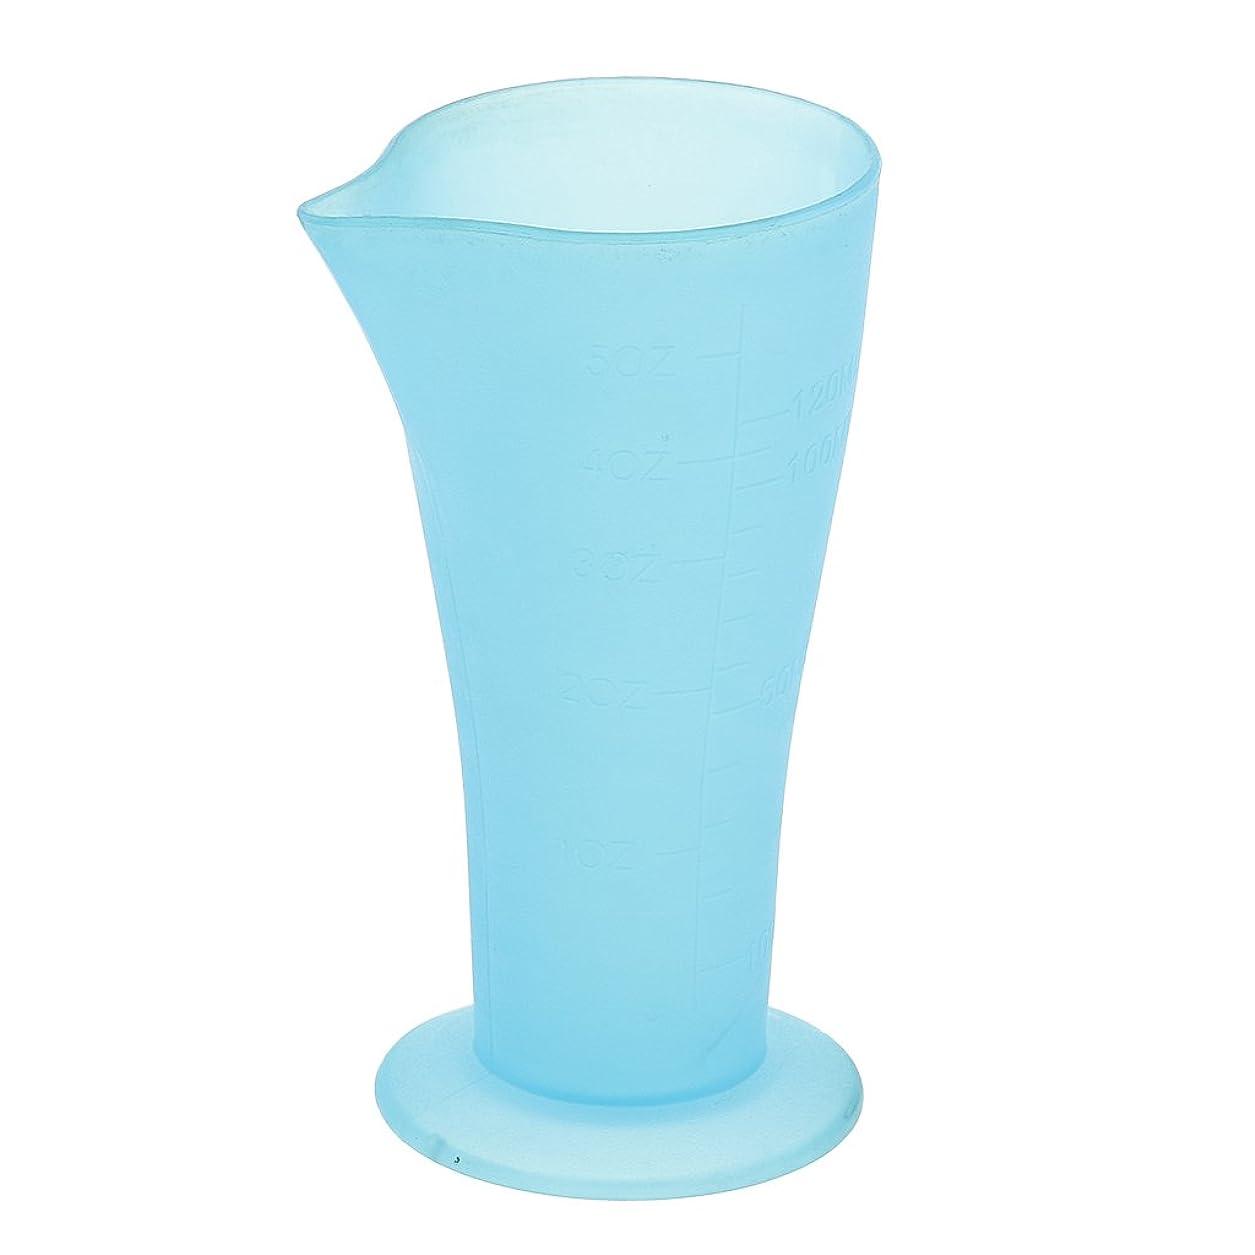 広告主確執ネックレスBaosity 計量カップ ヘアダイカップ プラスチック サロン 髪の色合い 色の混合用 読みやすい測定 再使用可能